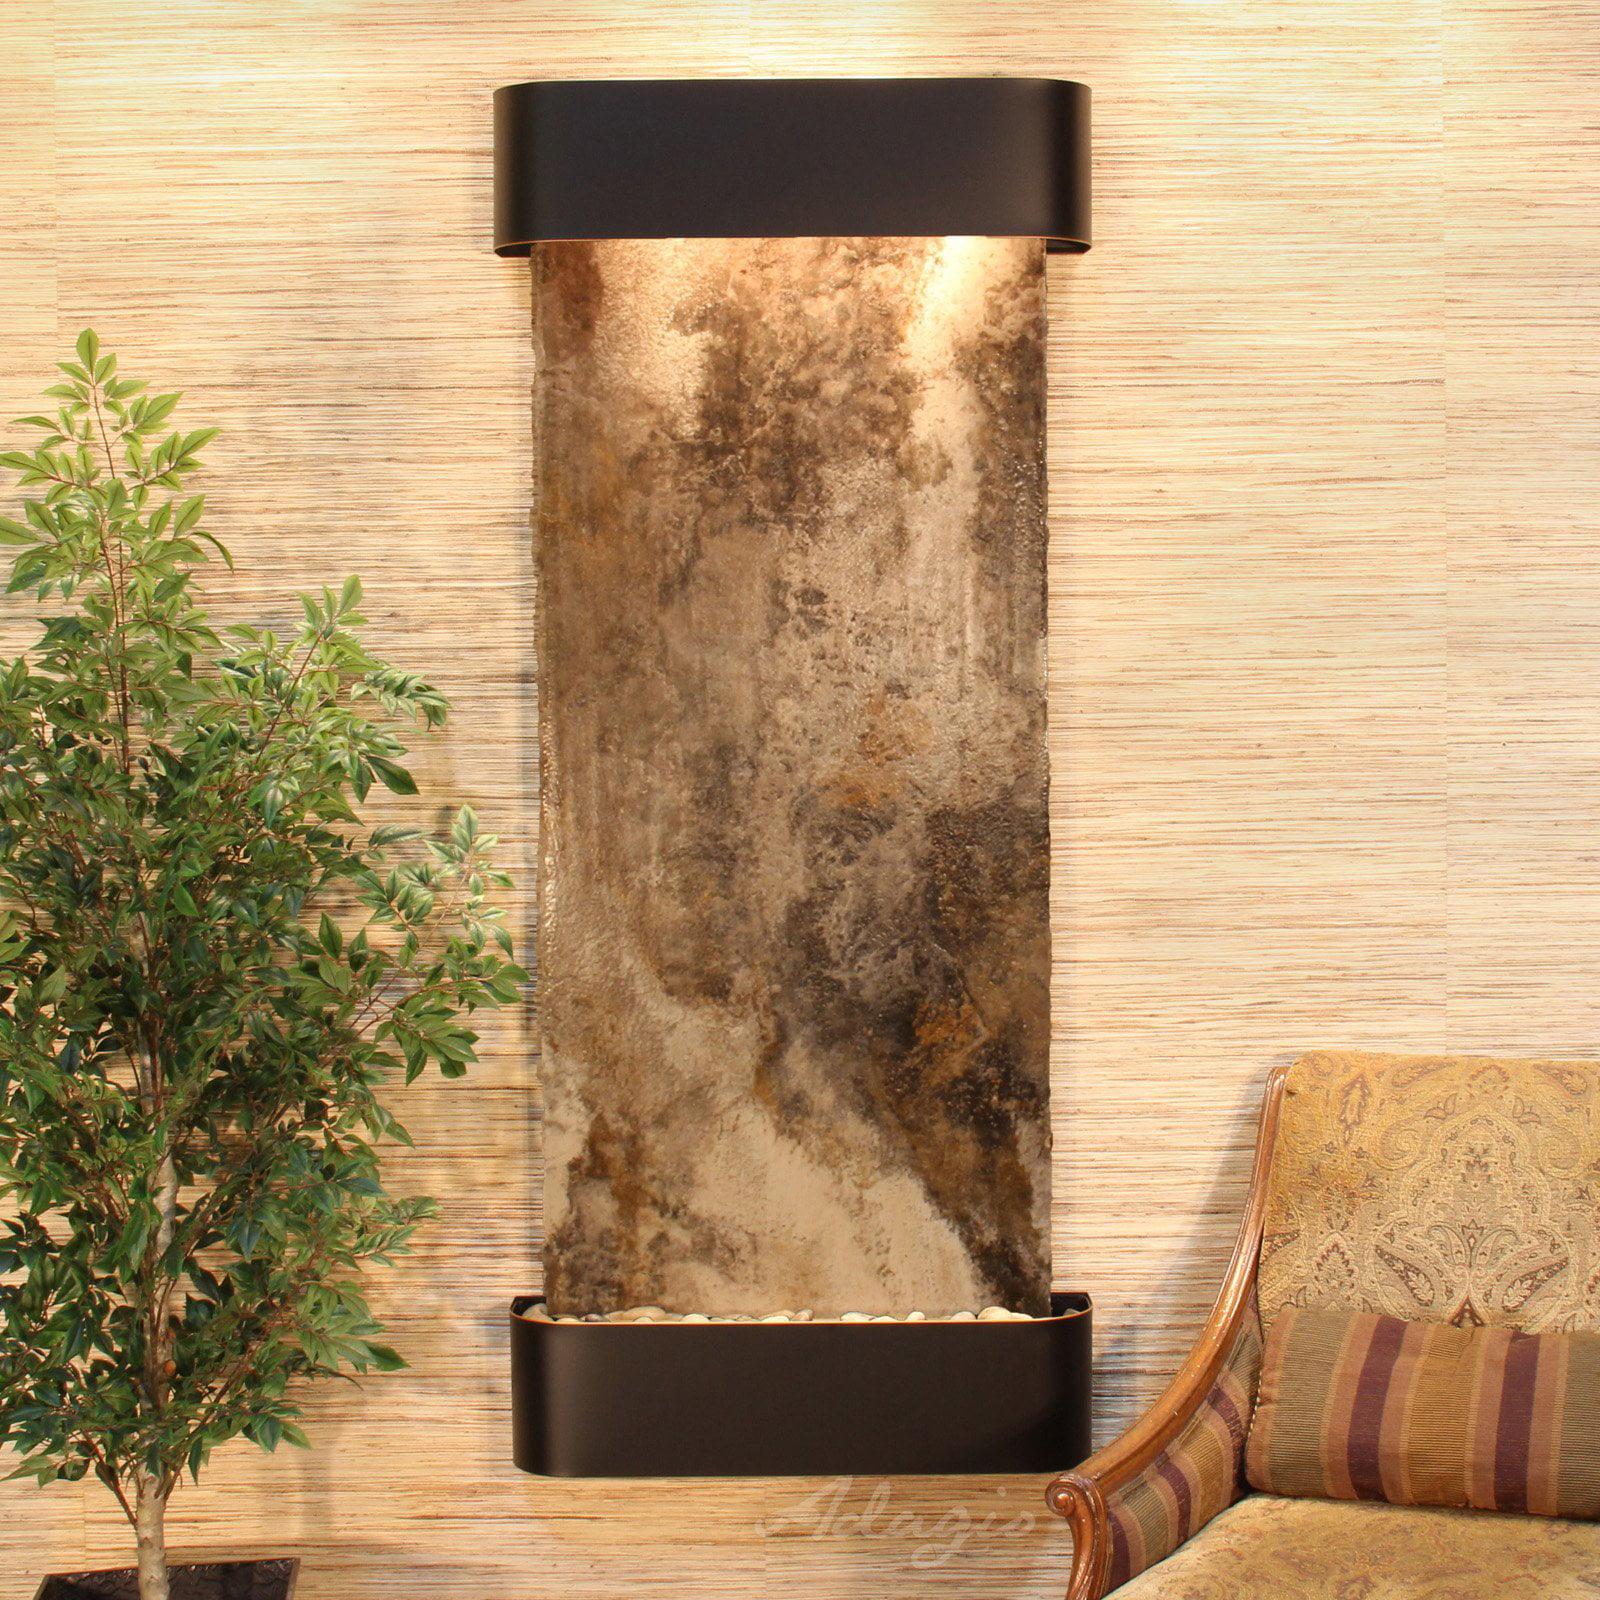 Adagio Inspiration Falls Wall Indoor Fountain - Walmart.com